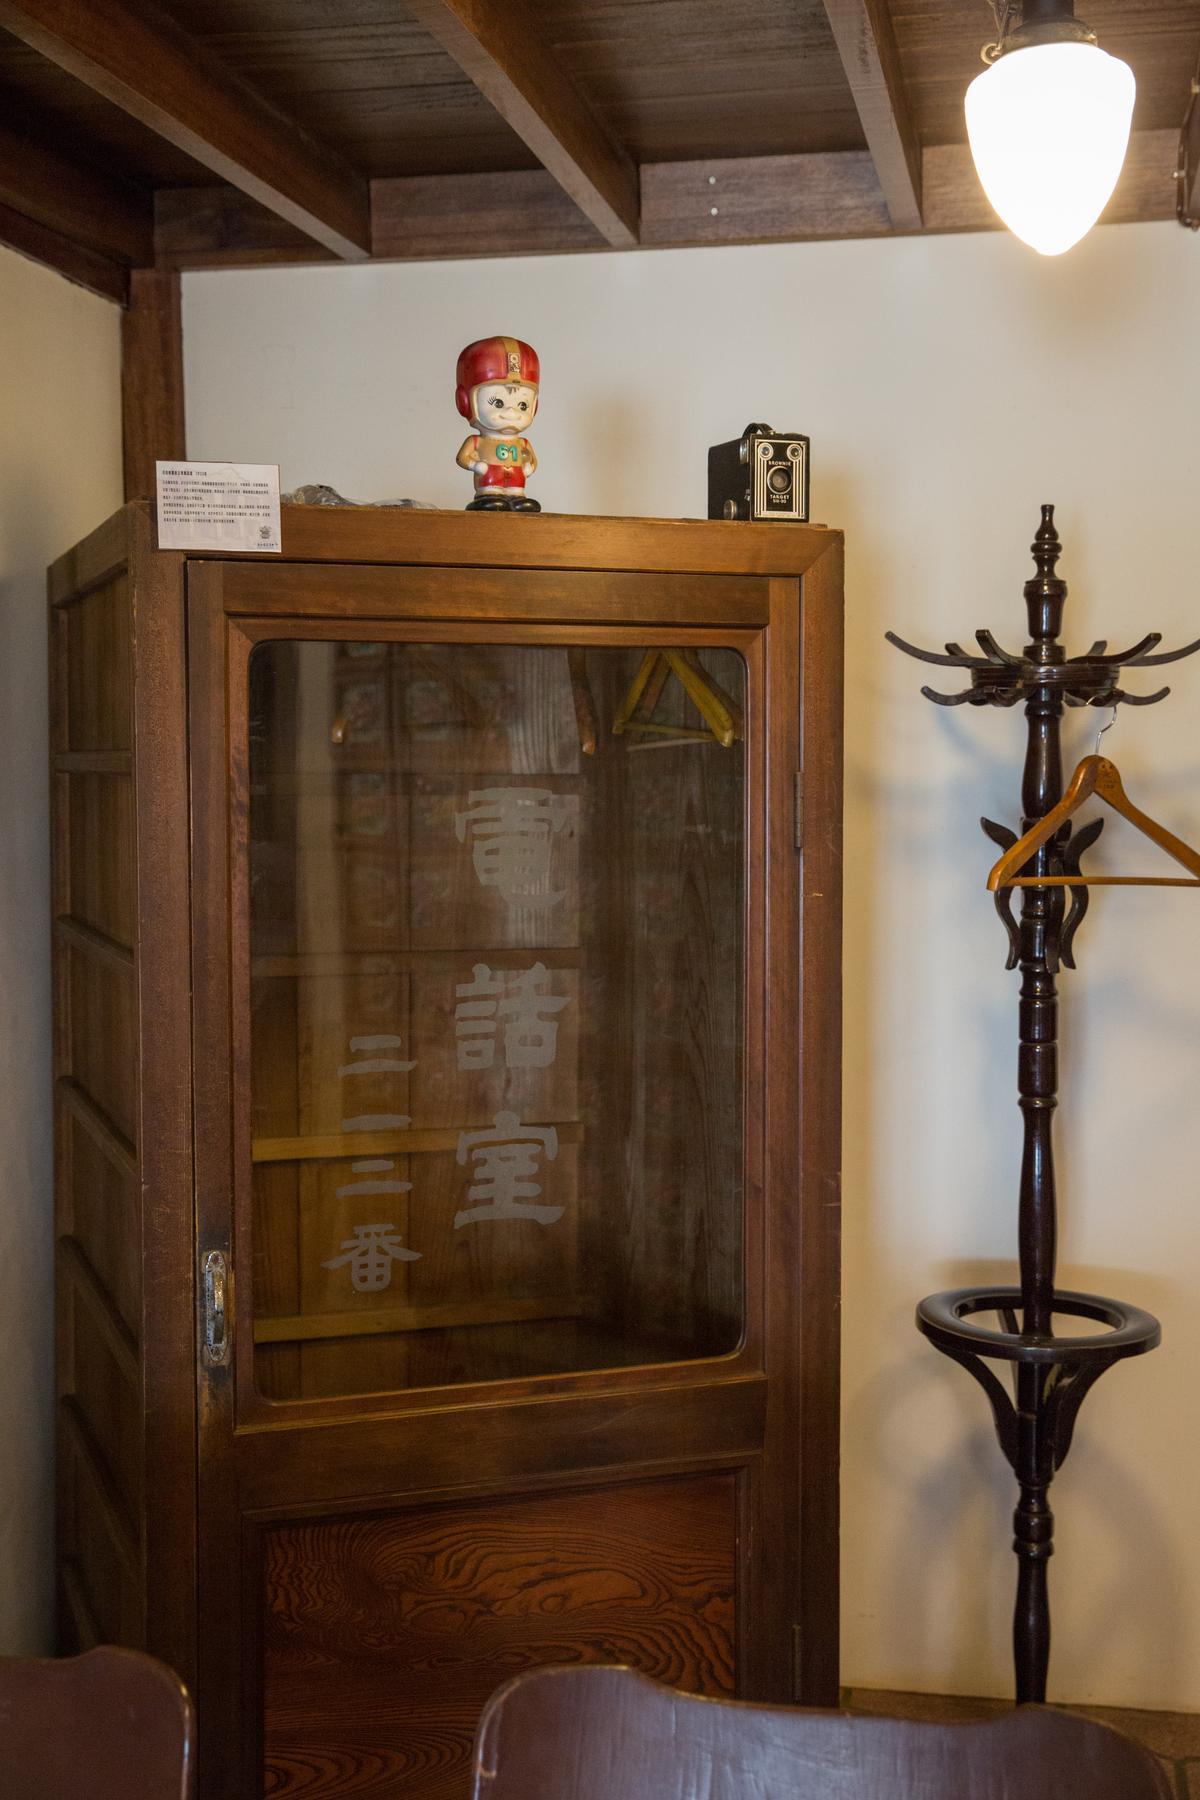 大正年間,每條街只有1座電話室,主人巧思改造為衣櫃。